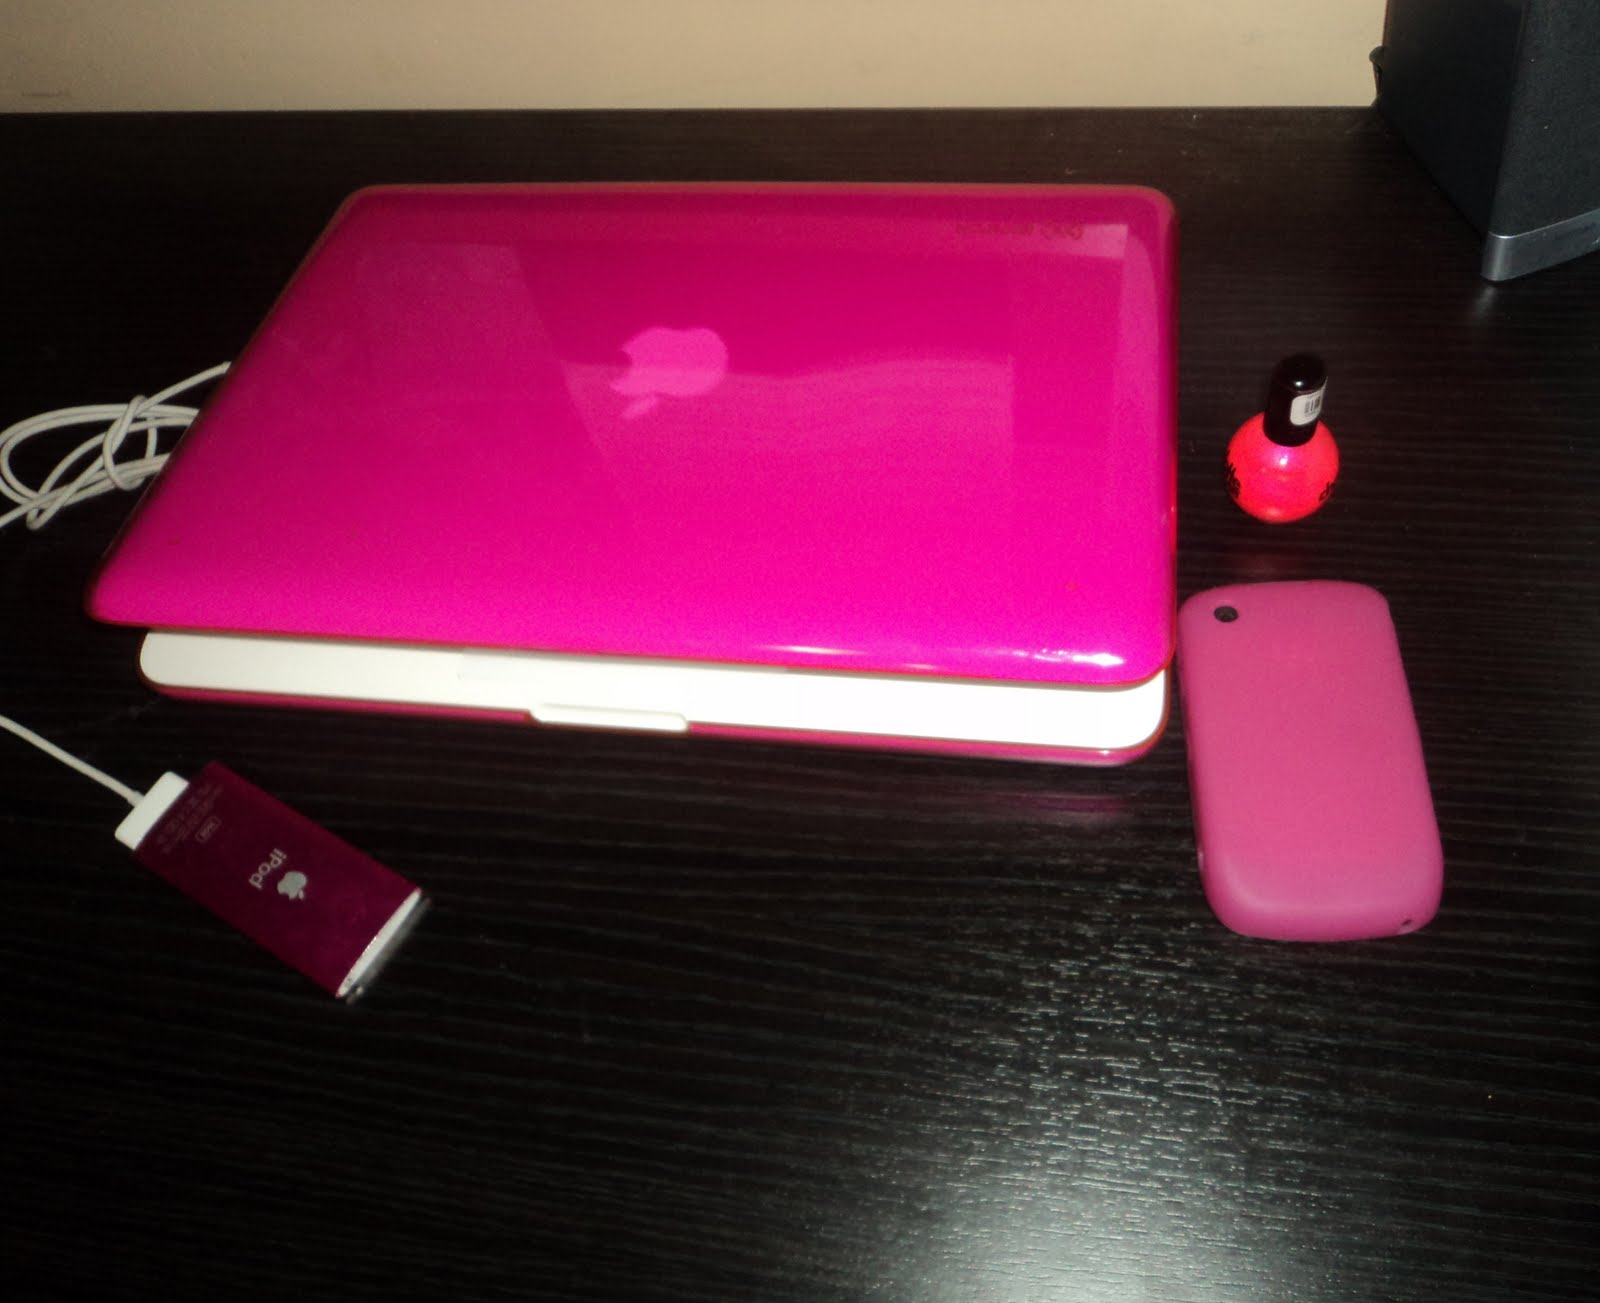 http://2.bp.blogspot.com/-2nIHuBX-0v4/Tb94ilFaagI/AAAAAAAAAIw/WsmUMpLIM-Y/s1600/Pink+accessories.jpg